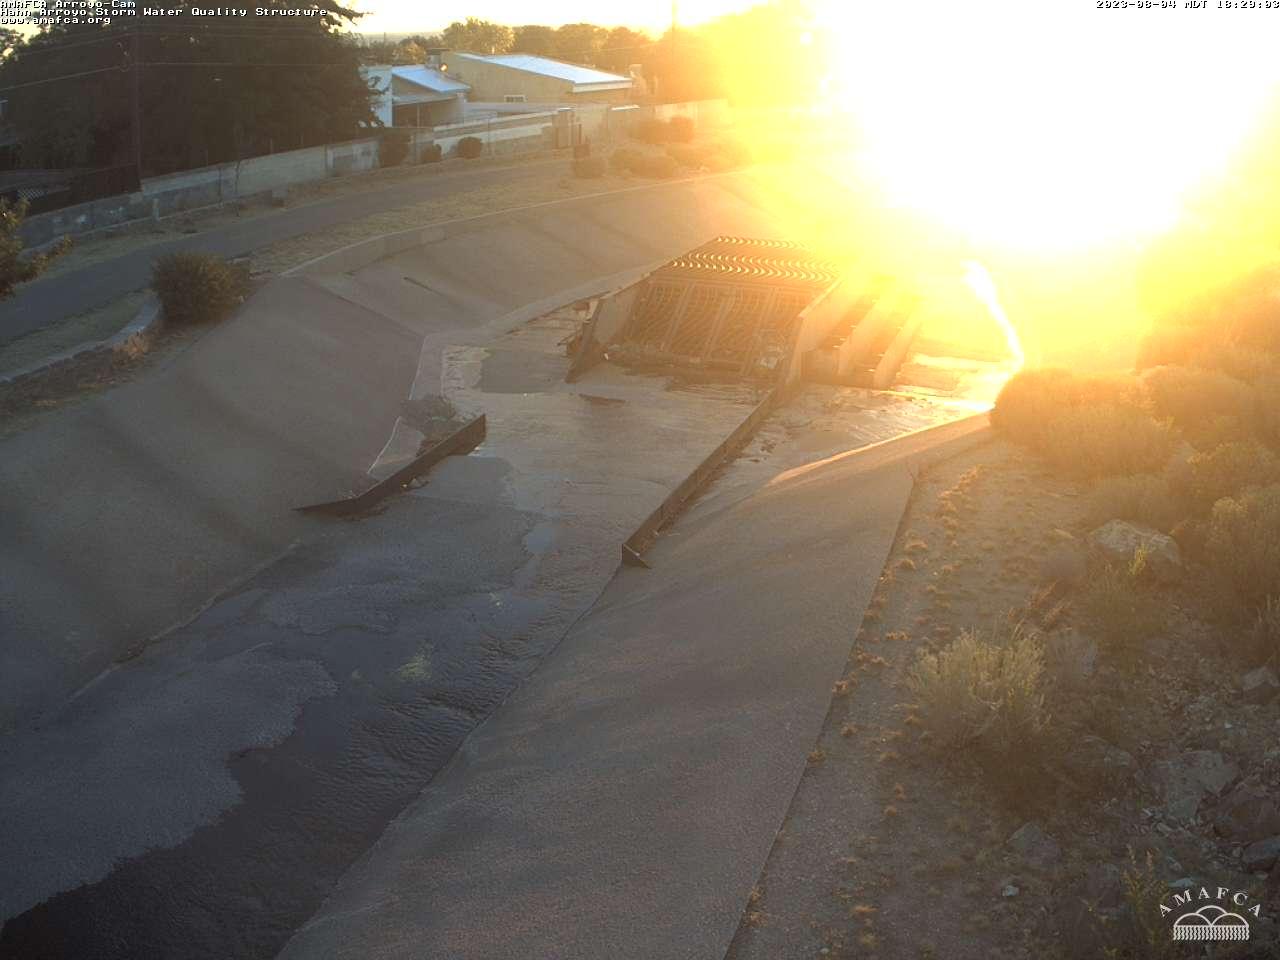 Hahn Arroyo camera view